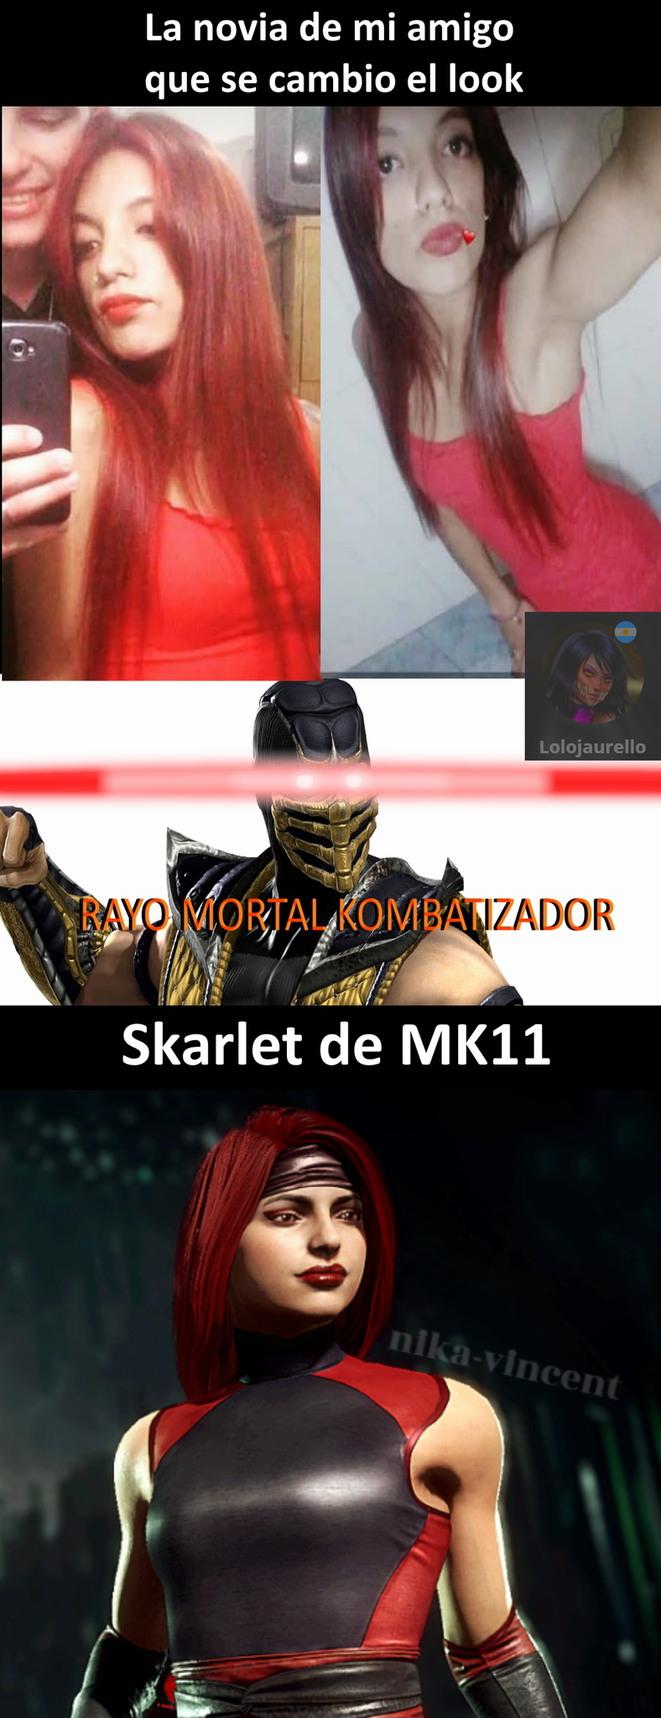 Skarlet wins!... no se preocupen, el chico me dio permiso de usar las fotos - meme